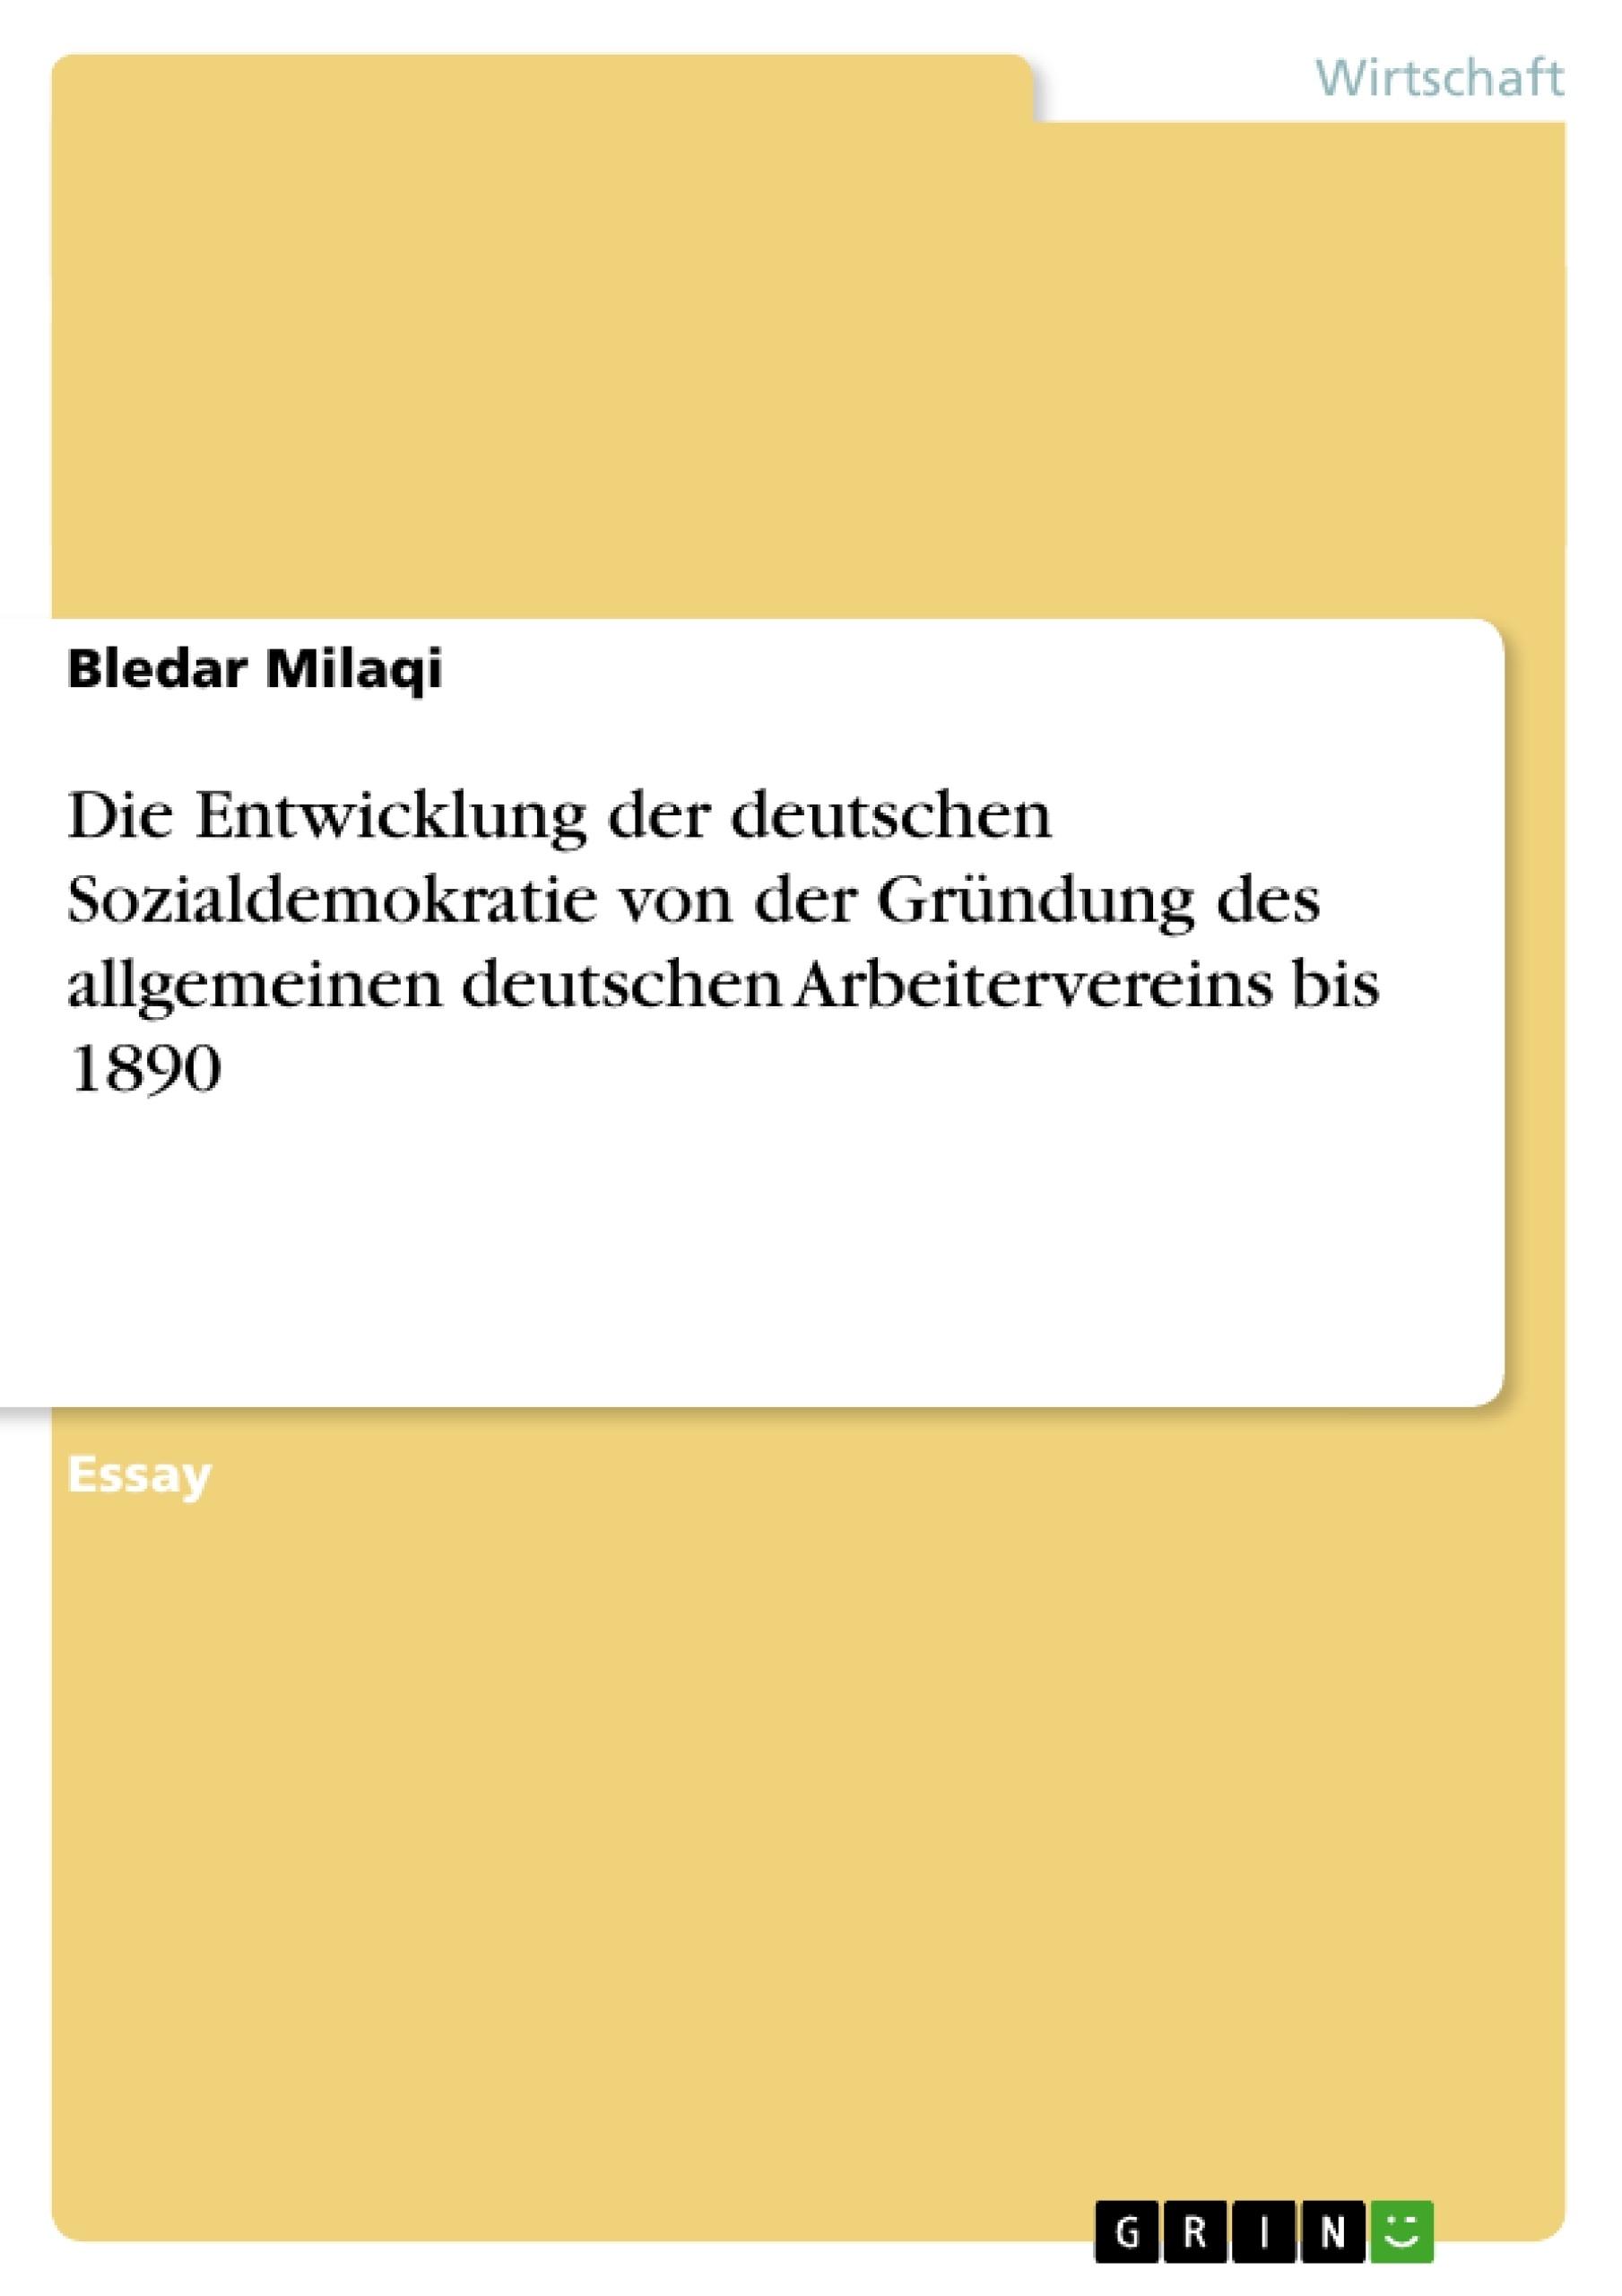 Titel: Die Entwicklung der deutschen Sozialdemokratie von der Gründung des allgemeinen deutschen Arbeitervereins bis 1890